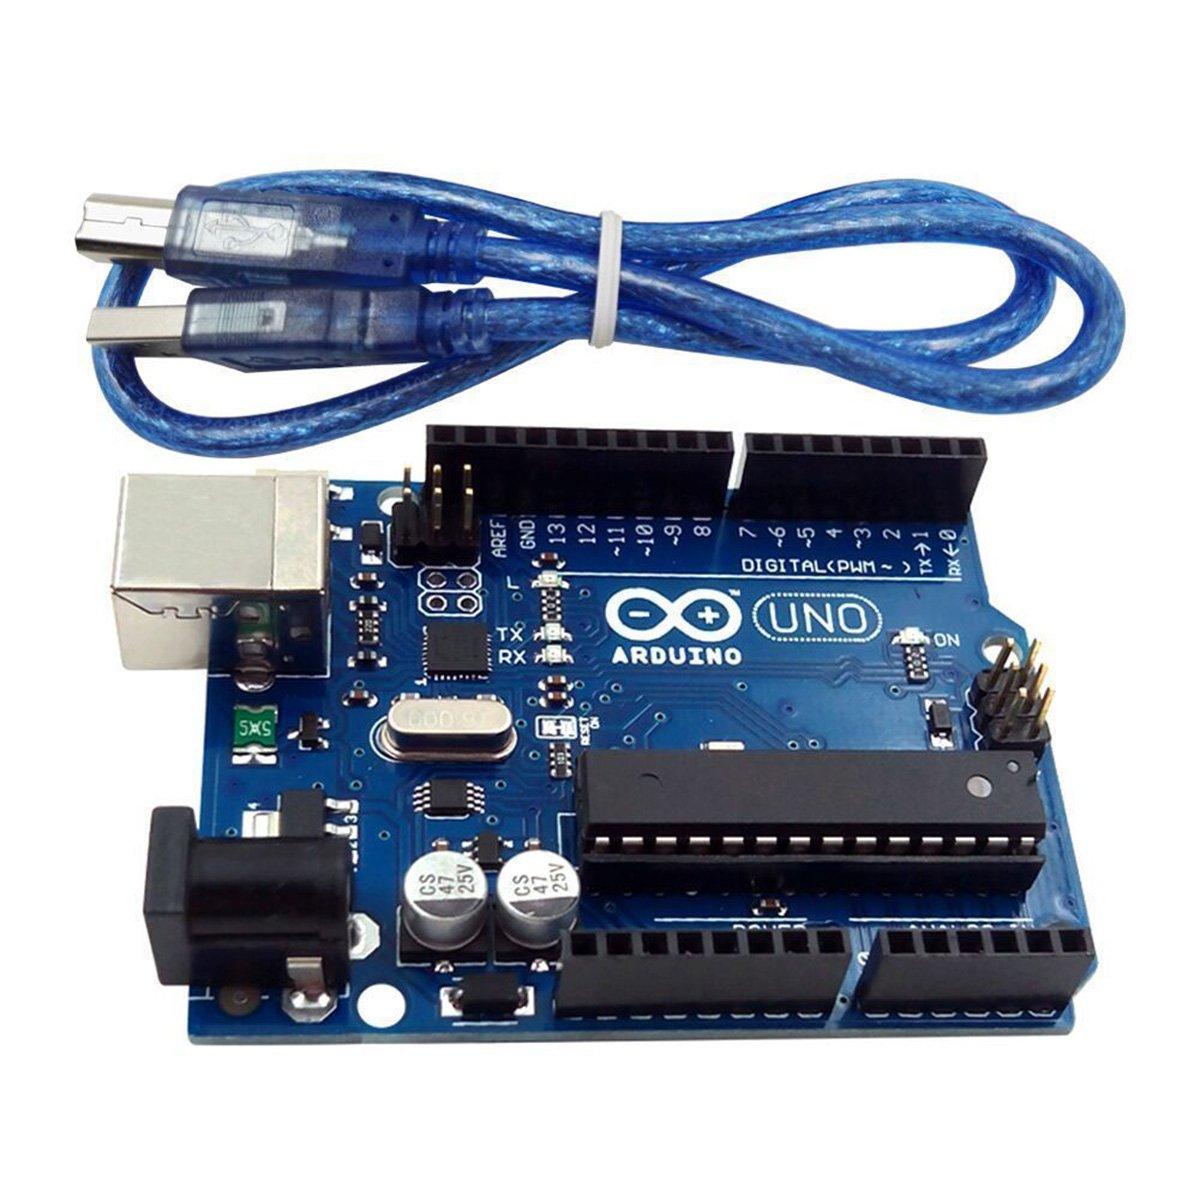 USDREAM UNO R3 Development Board Microcontroller USB Cable ATmega328P Arduino